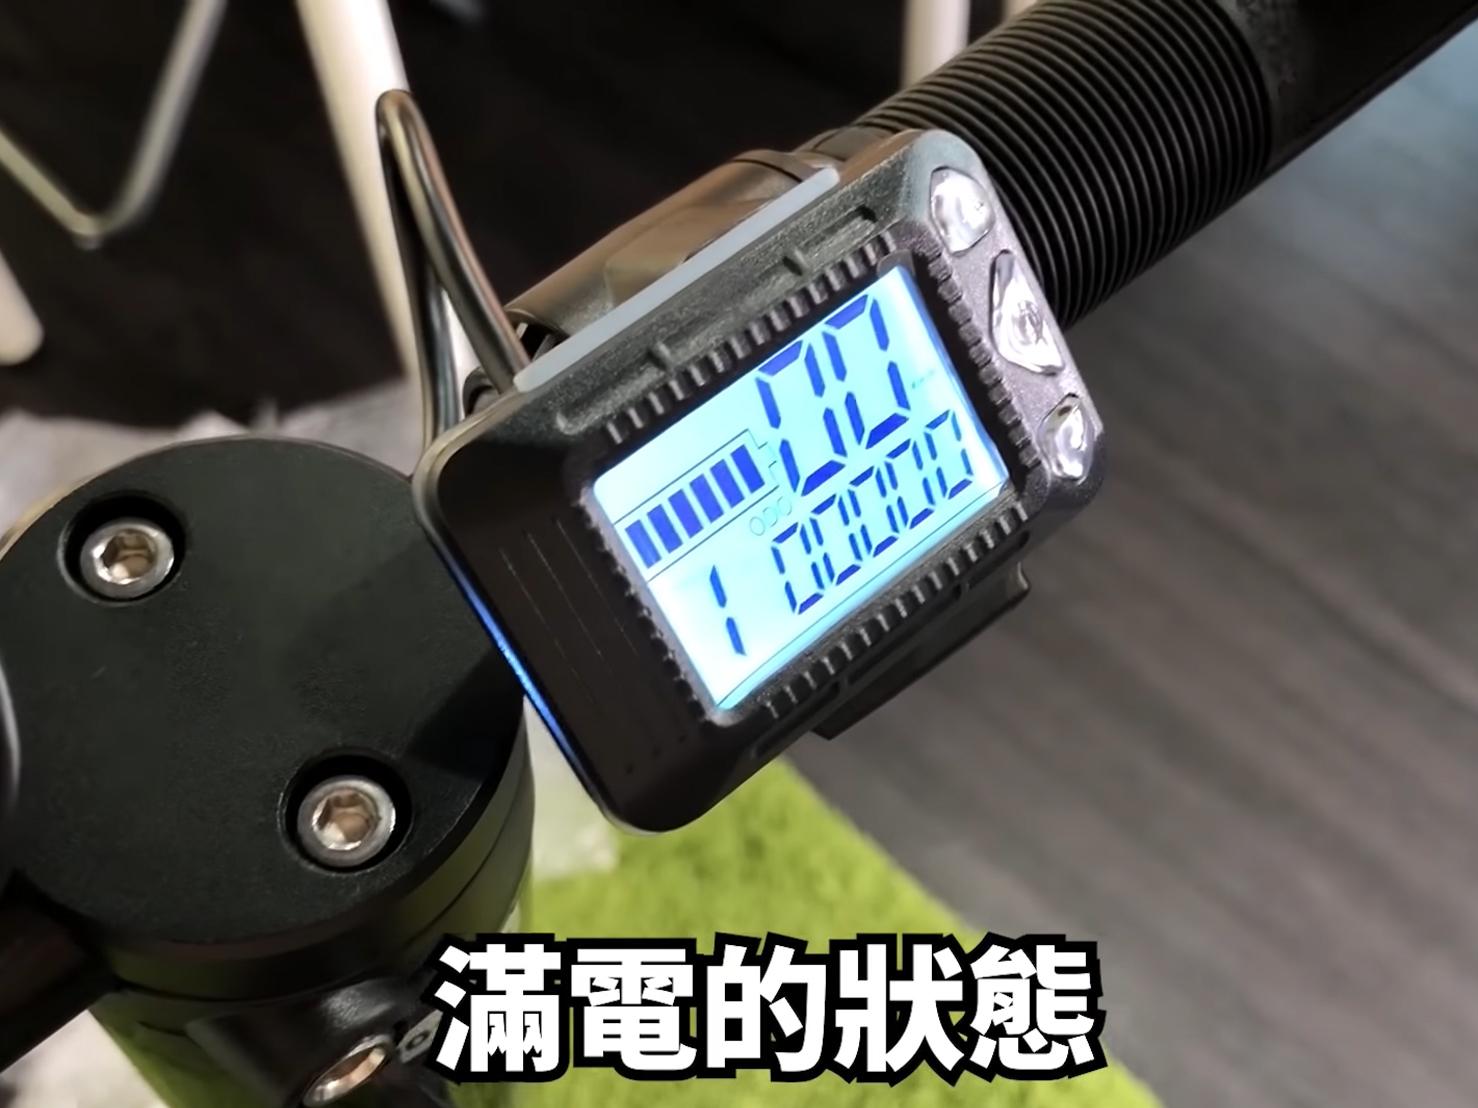 電動滑板車的儀表板